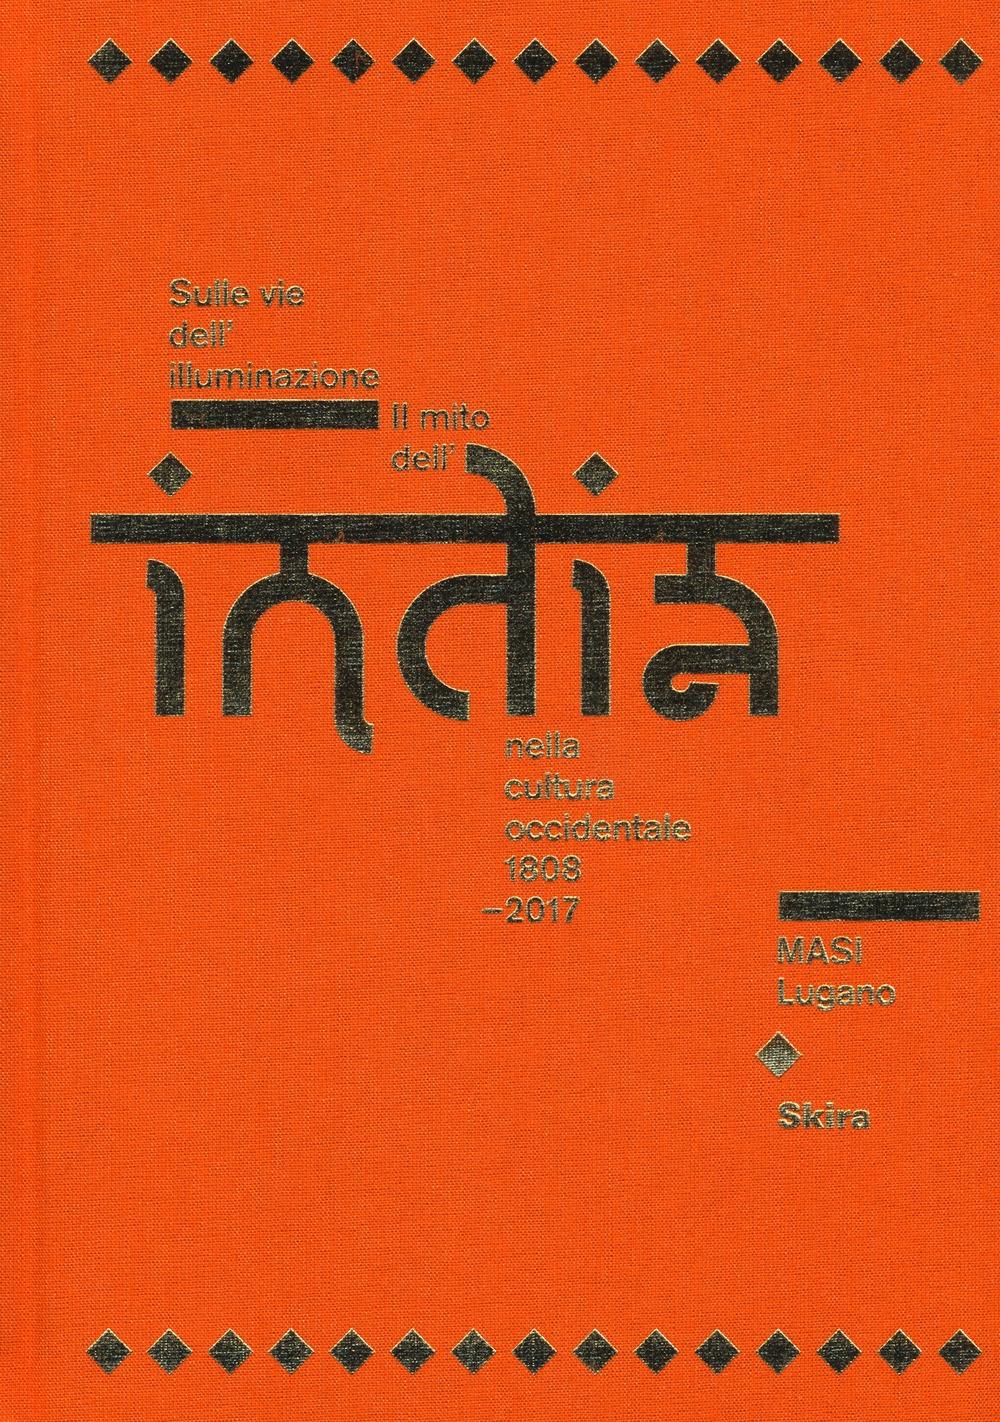 Il mito dell'India nella cultura occidentale 1808-2017. Sulle vie dell'illuminazione